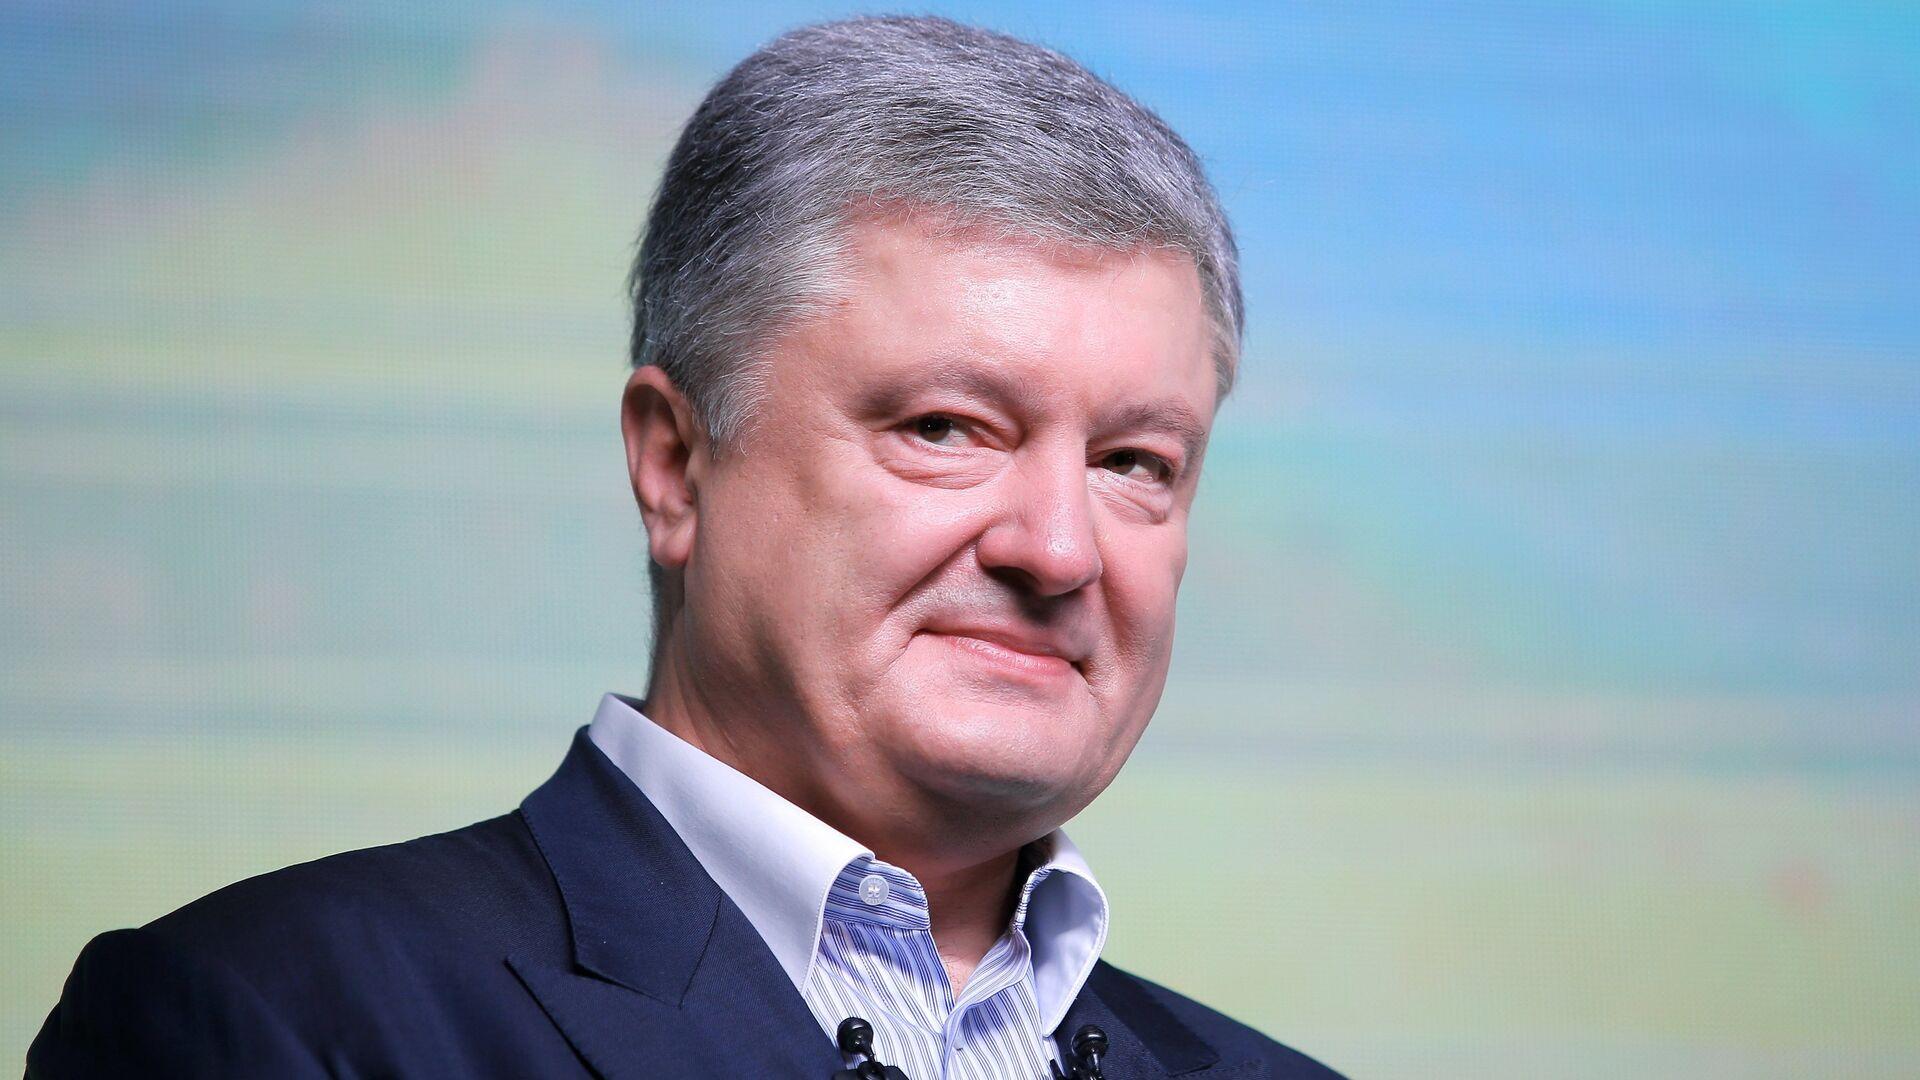 Бывший президент Украины, лидер партии Европейская солидарность Петр Порошенко - РИА Новости, 1920, 27.09.2021